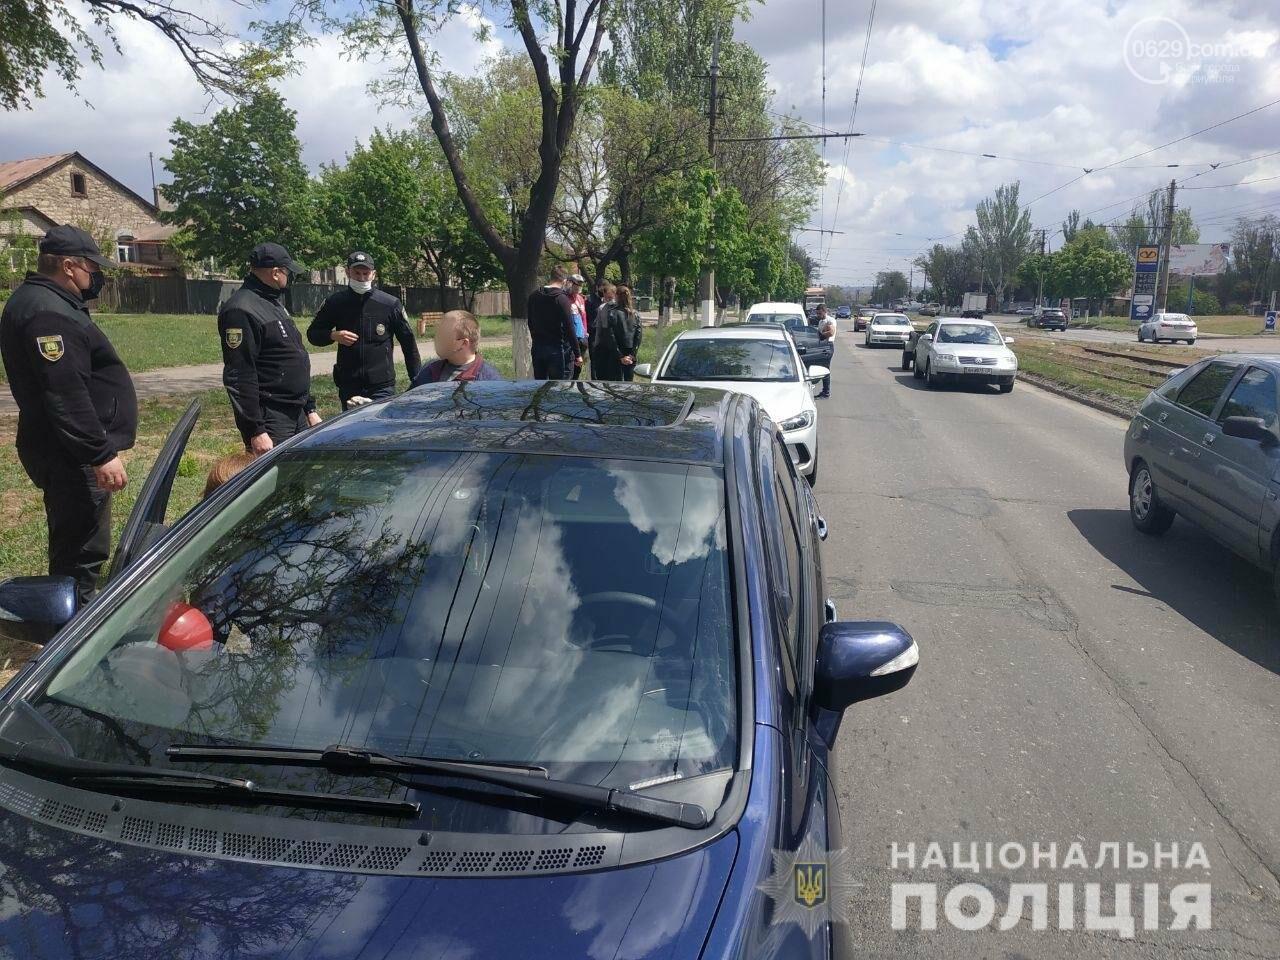 В Мариуполе автоколонну забросали краской, - ФОТО, фото-3